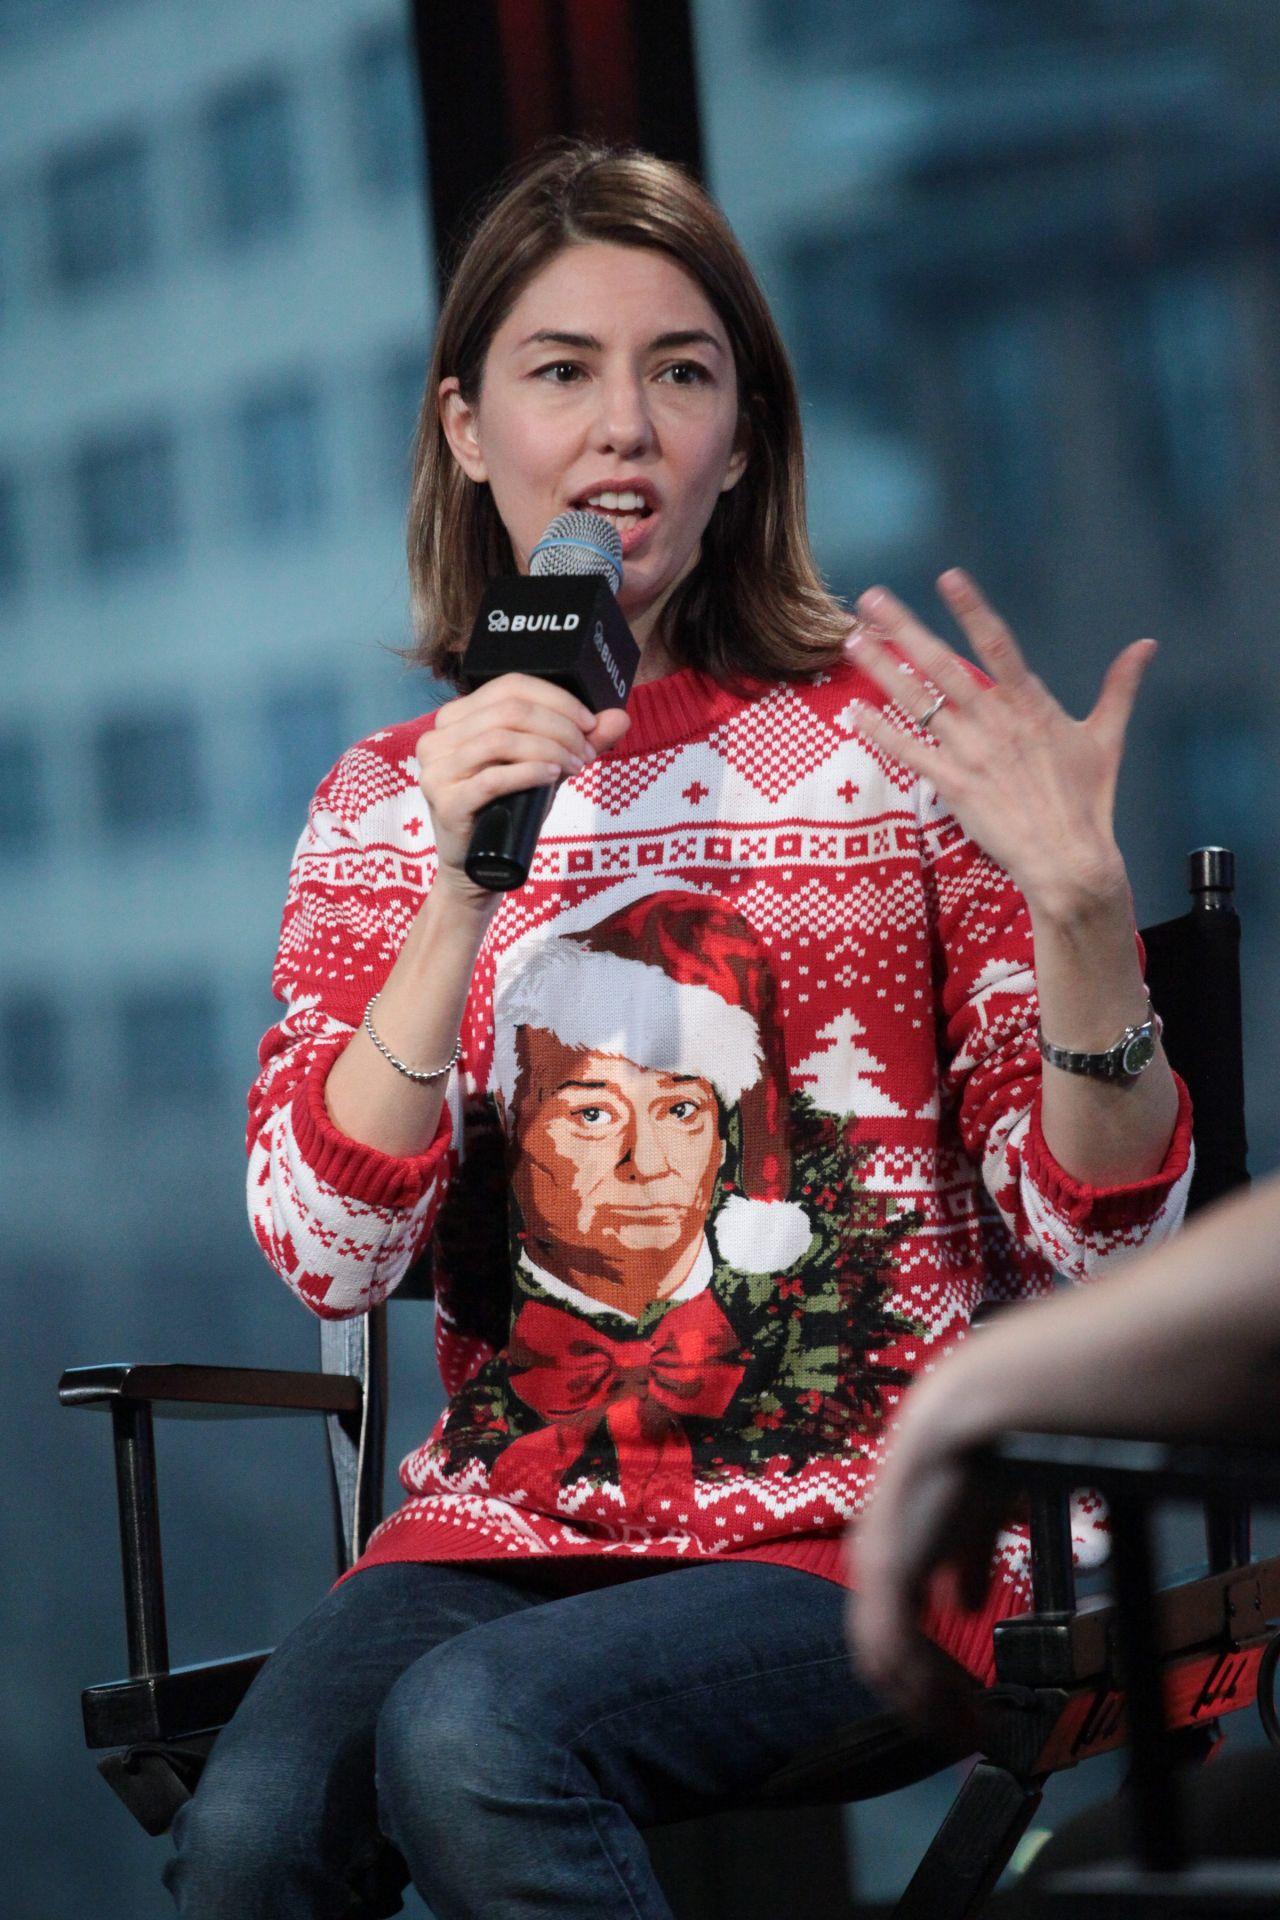 Sofia Coppola - Discusses her Christmas Special 'A Very Murray ...